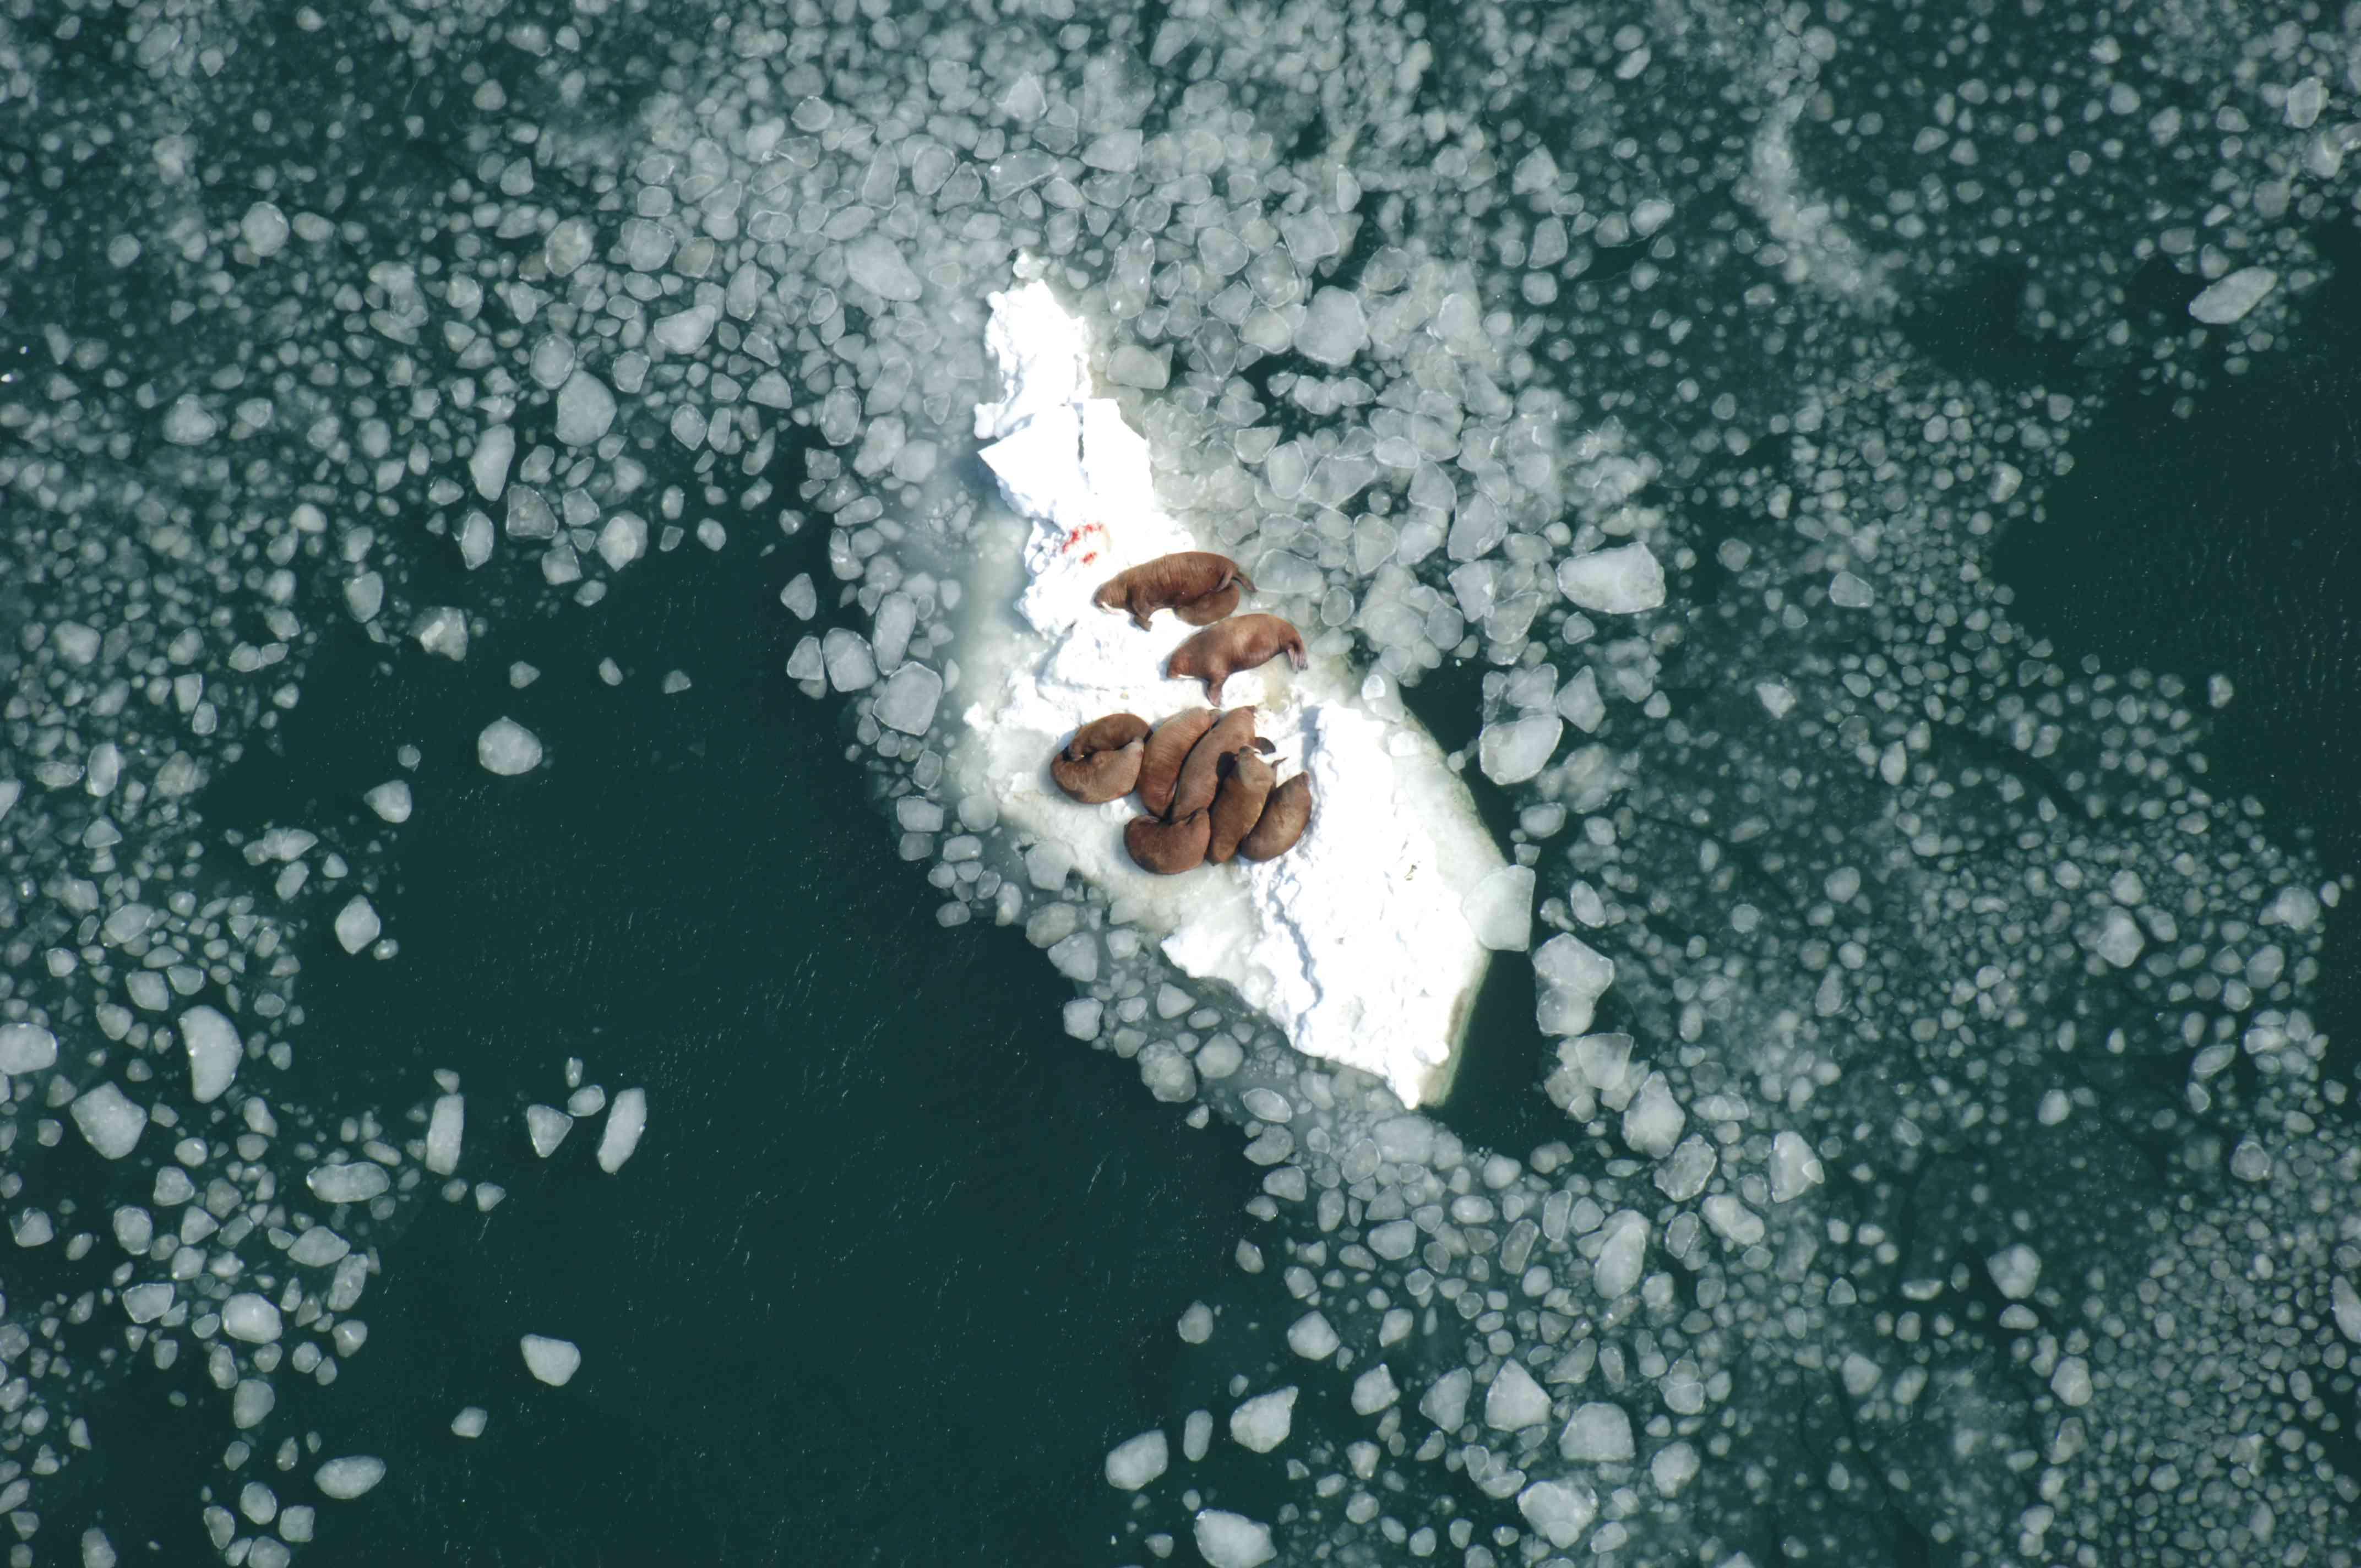 Walruses on an ice floe in Alaska.